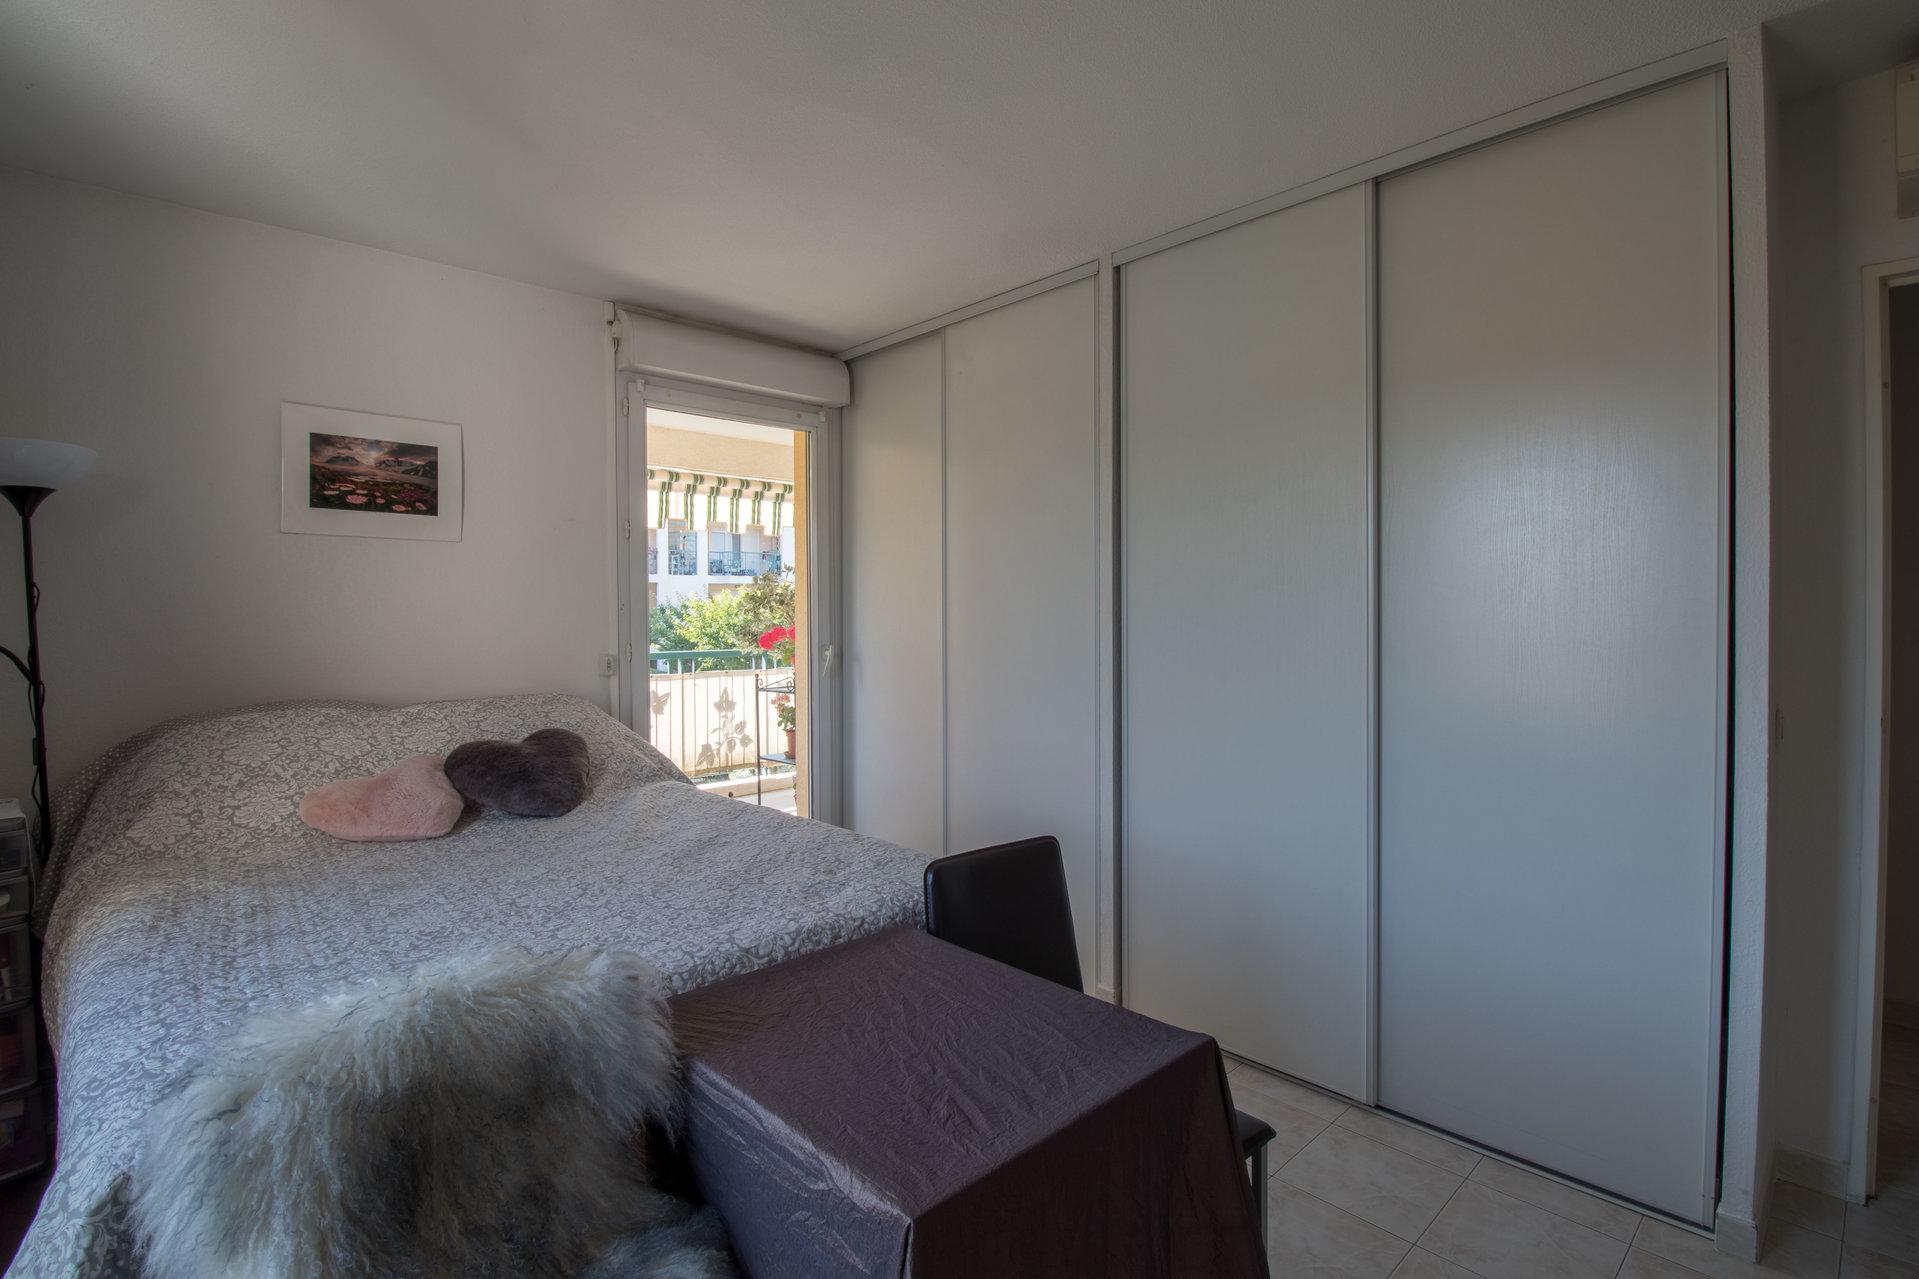 SAINT LAURENT DU VAR - Appartement - 3 chambres - 4 pièces